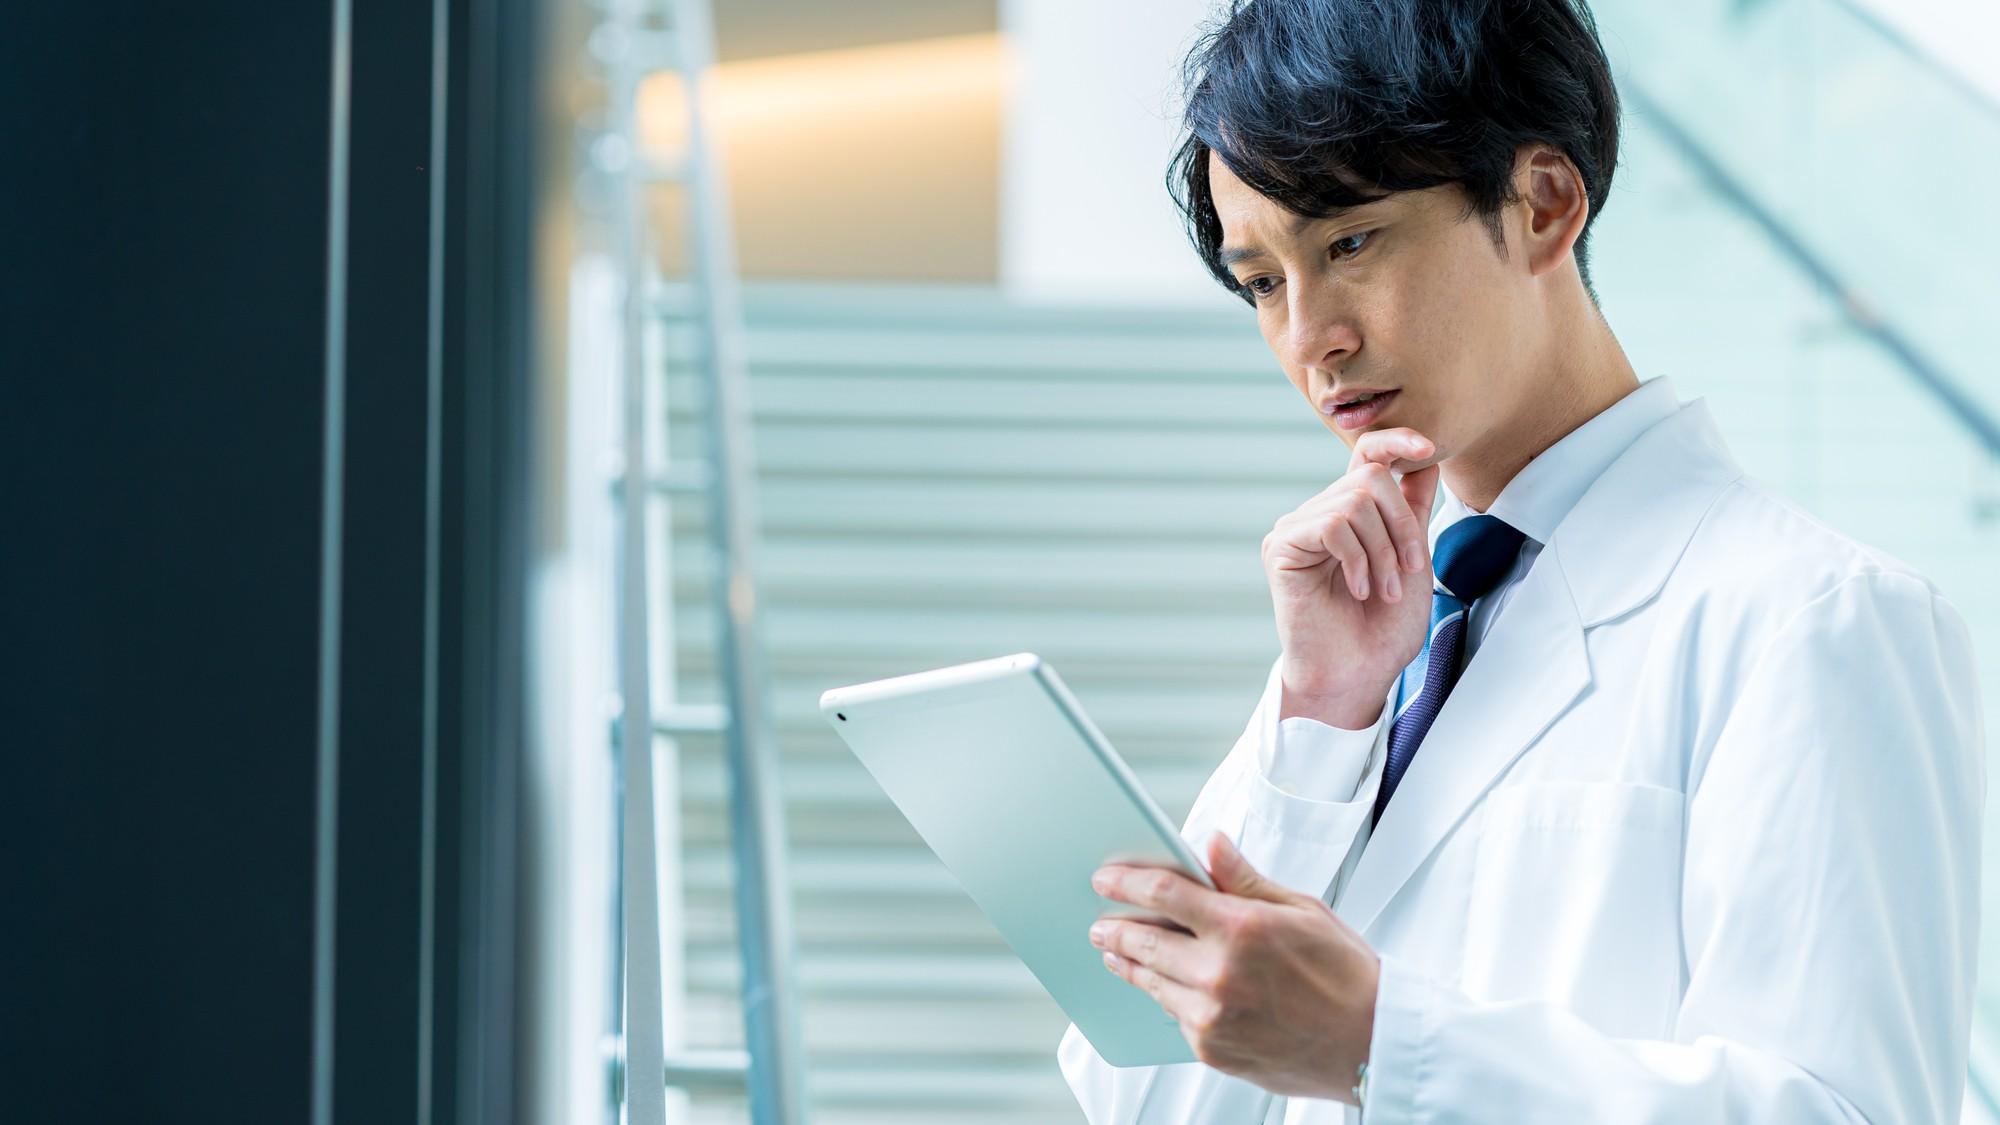 年収1500万円で余裕ナシ…医師が「不動産投資」をすべき理由